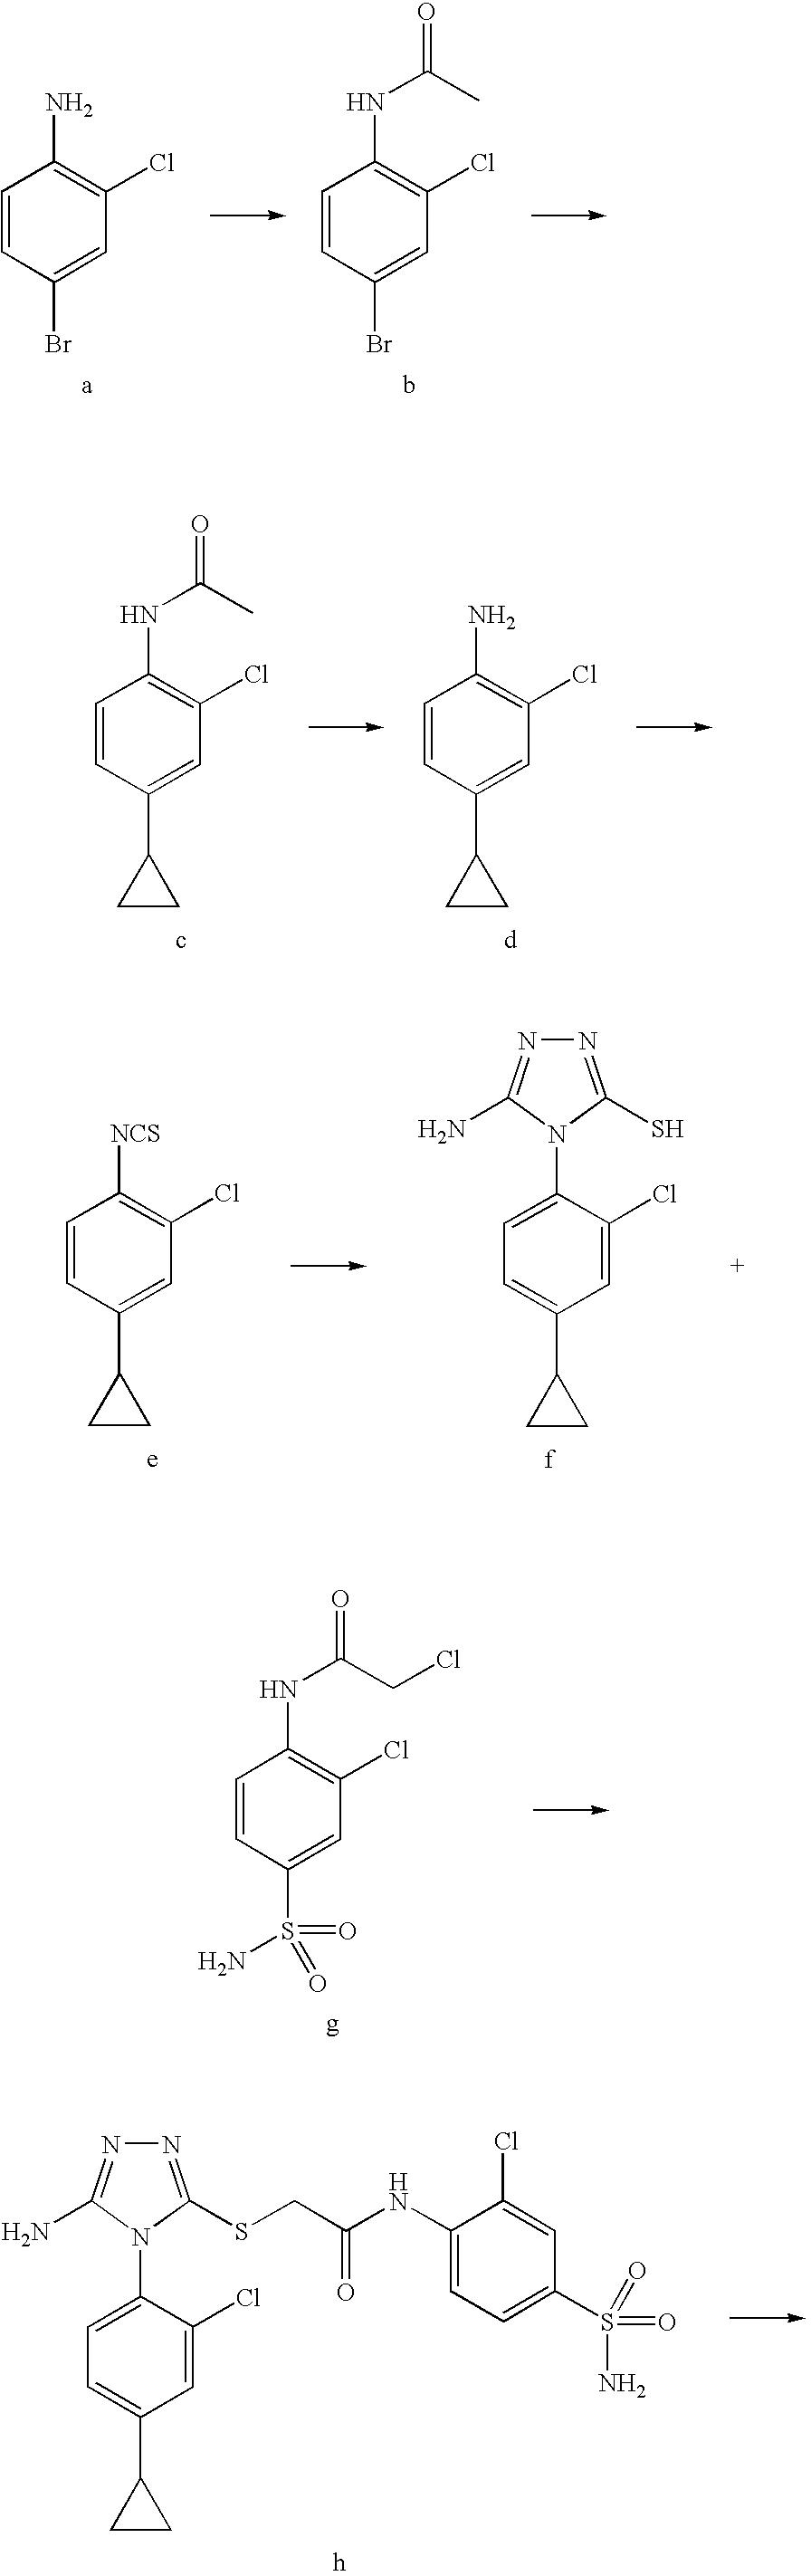 Figure US08003681-20110823-C00021